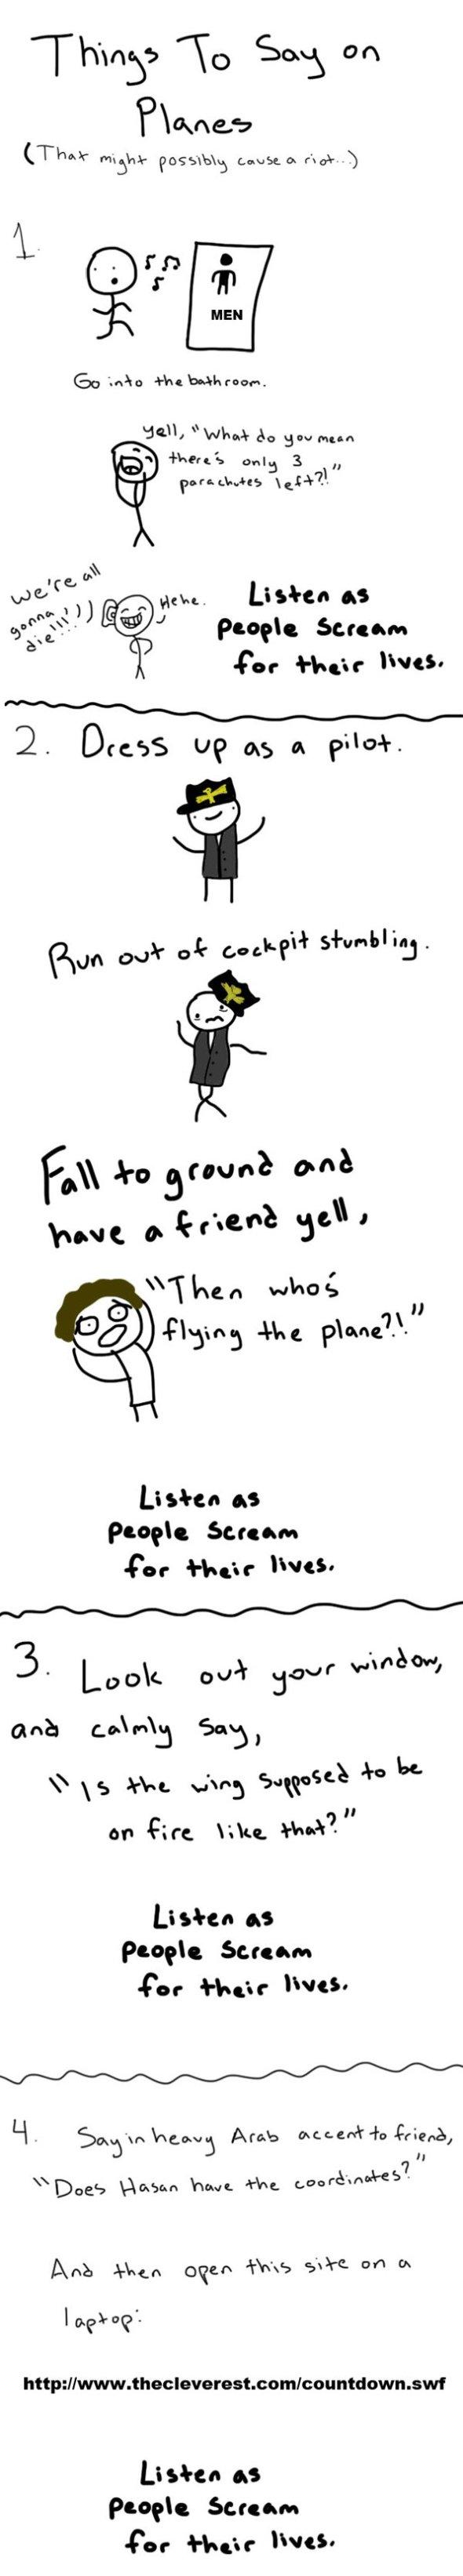 Airplane Pranks